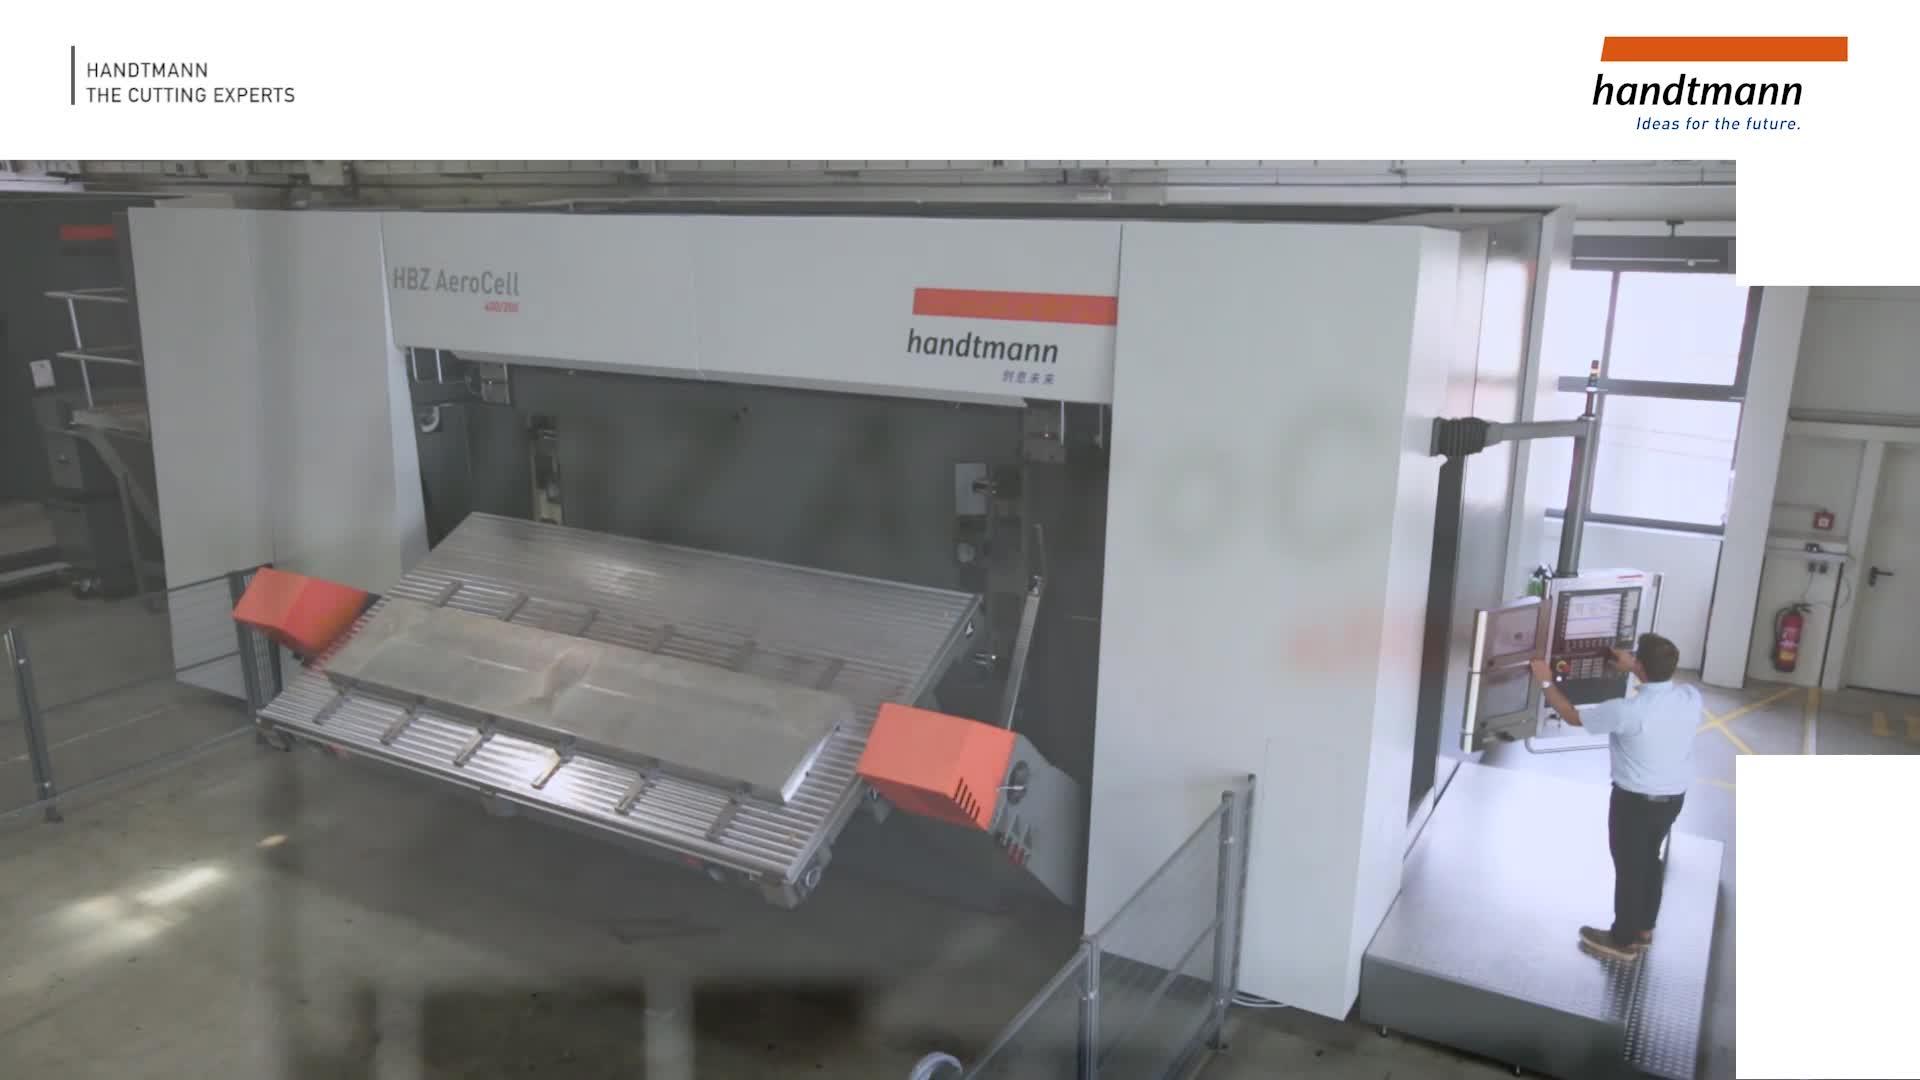 Handtmann Apunkt HBZ AeroCell HSC horizontal machining centre